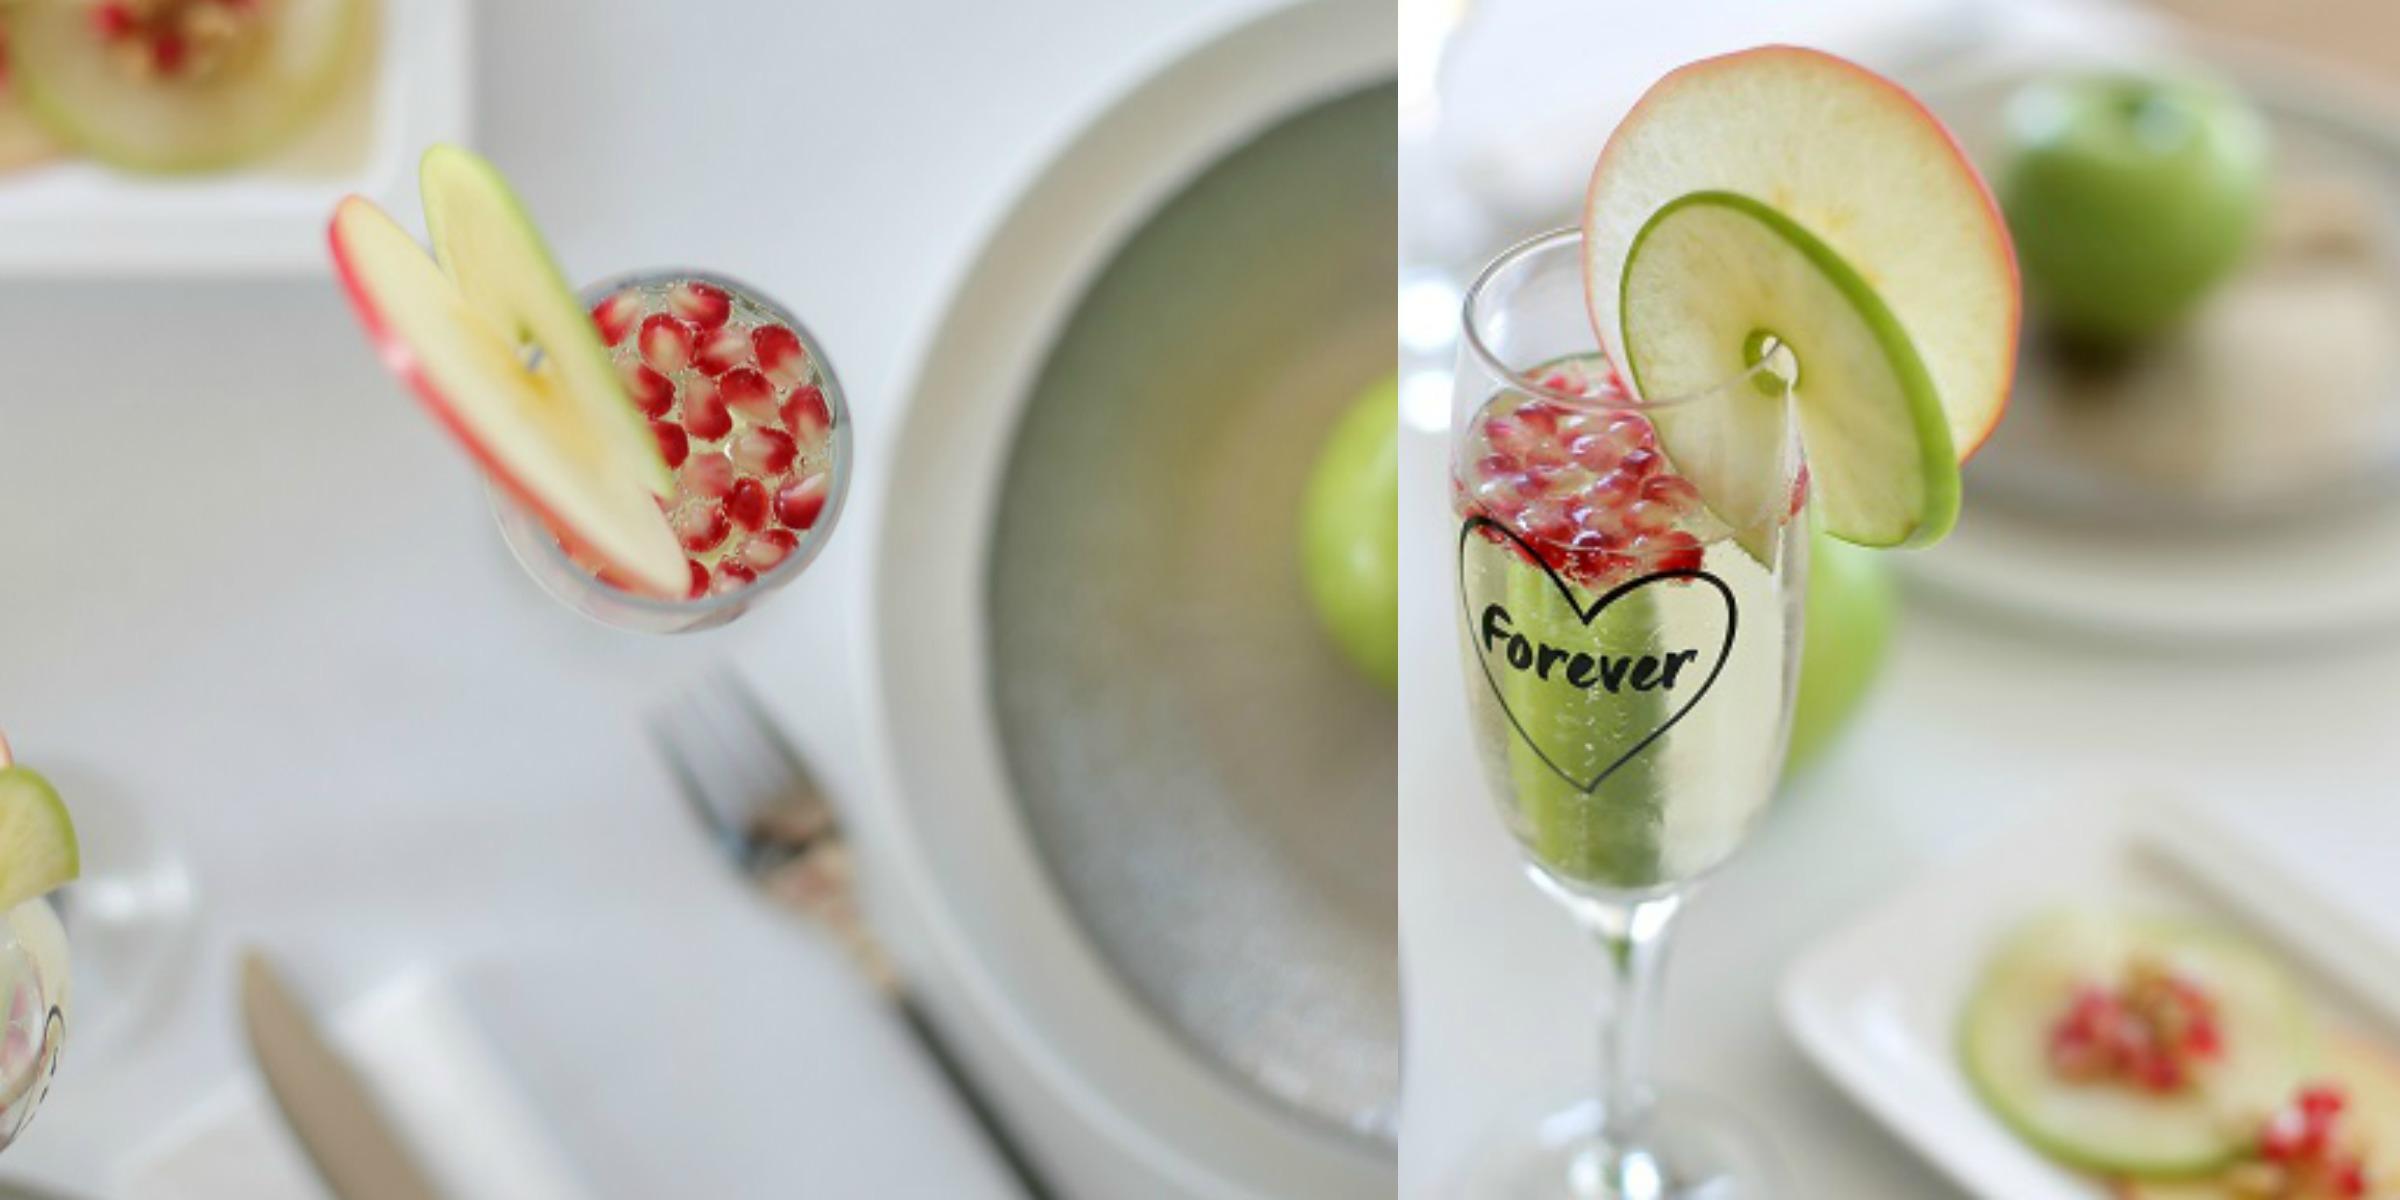 איך להגיש תפוח בדבש_אירוח בסטייל_ראש השנה_צילום: טליה הדר